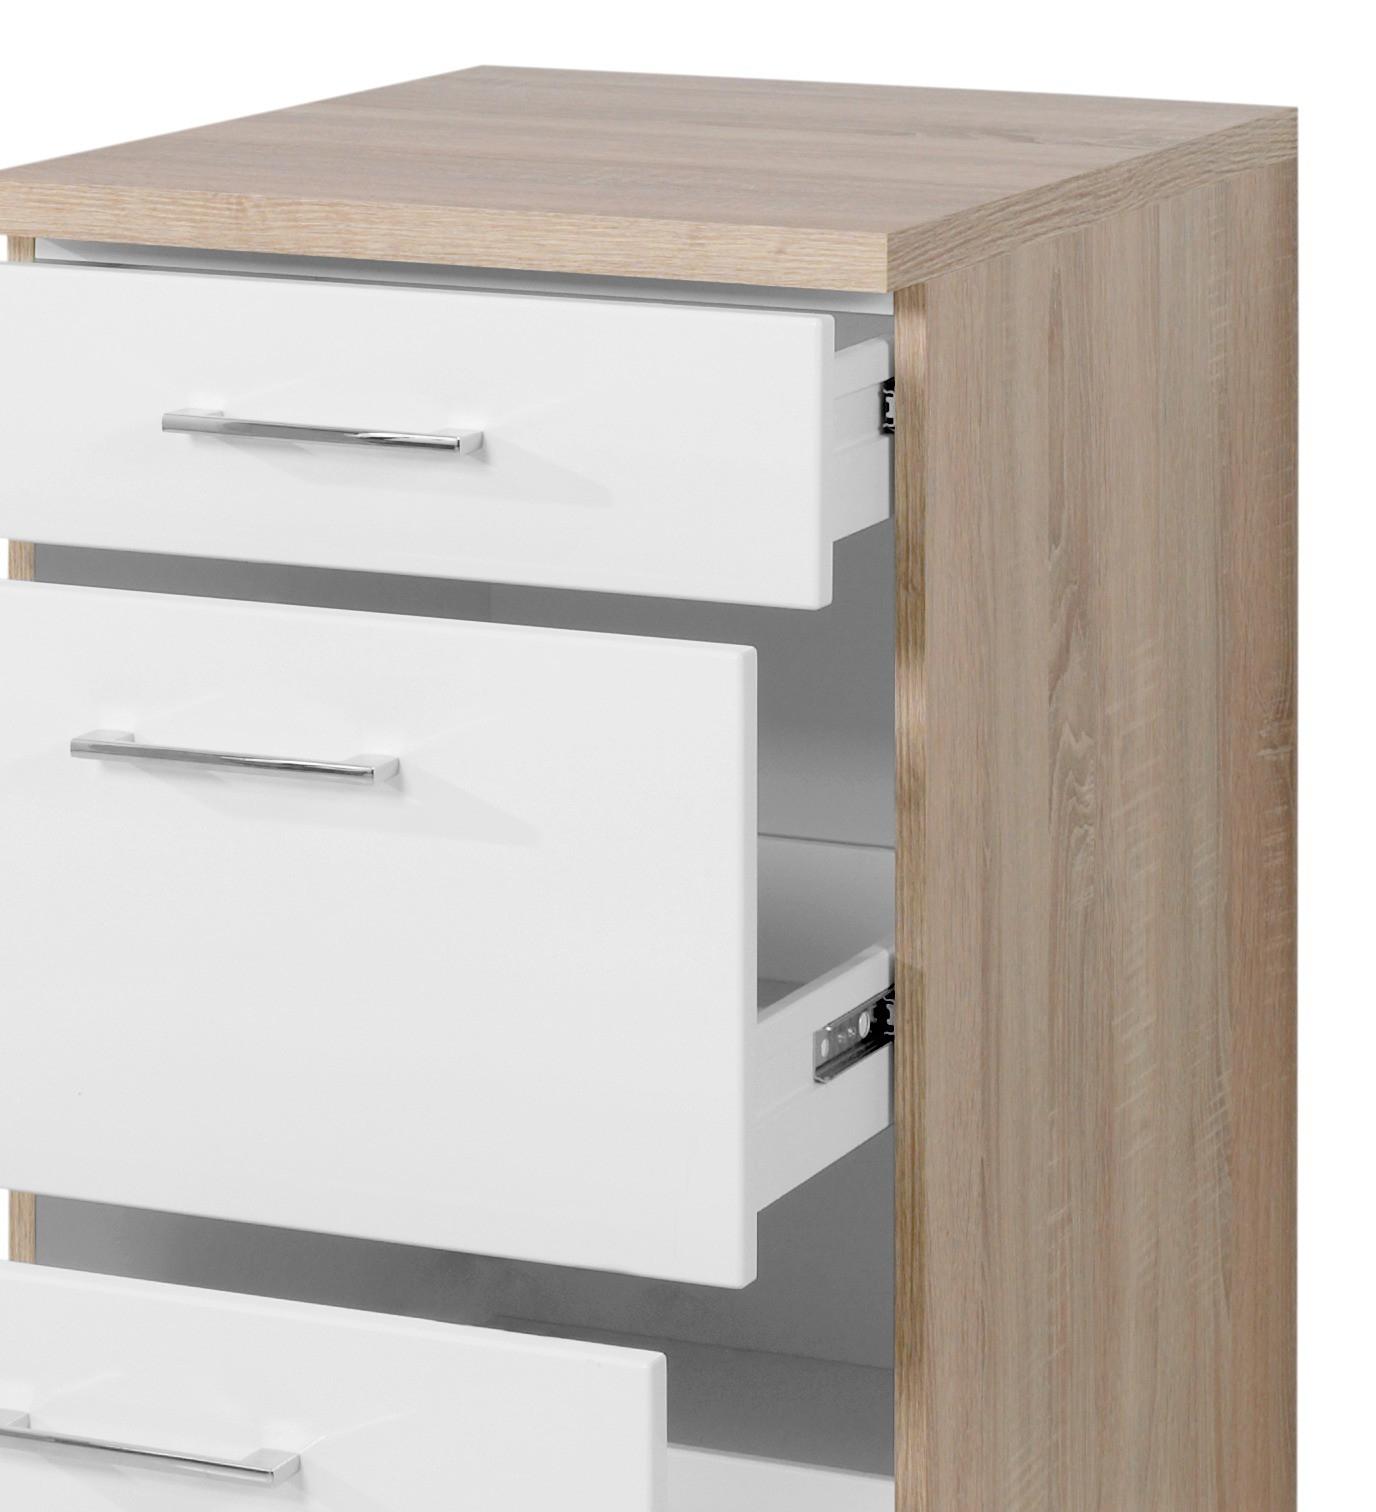 Full Size of Apothekerschrank Ikea Kchen Unterschrank 40 Cm Breit Front Neu Und Sofa Mit Schlaffunktion Küche Kaufen Miniküche Kosten Betten Bei 160x200 Modulküche Wohnzimmer Apothekerschrank Ikea